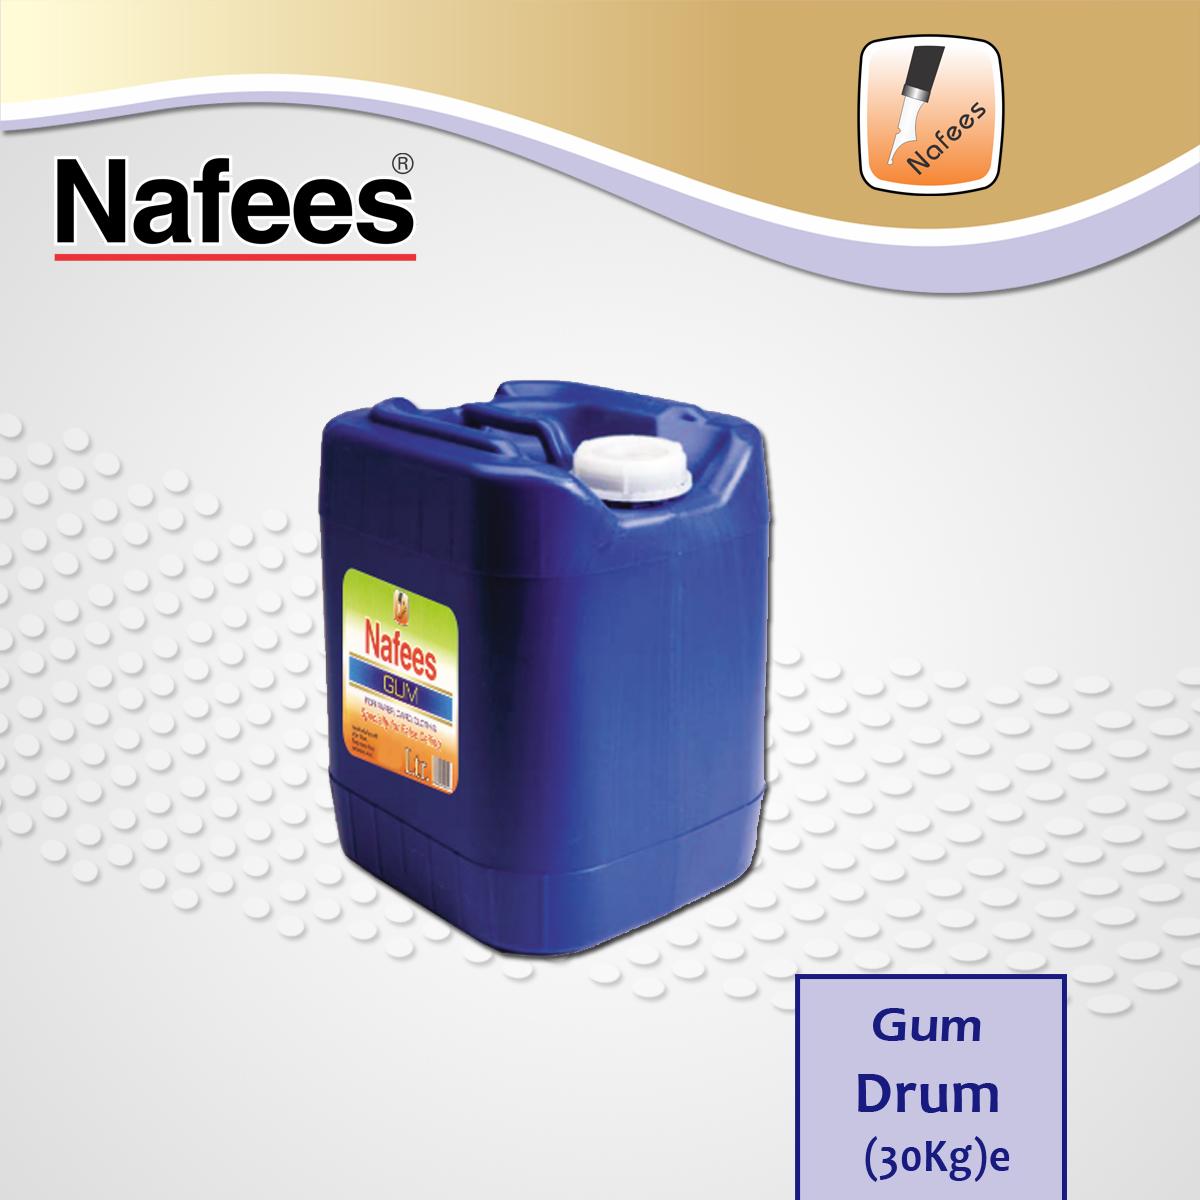 Gum Drum (30KG)